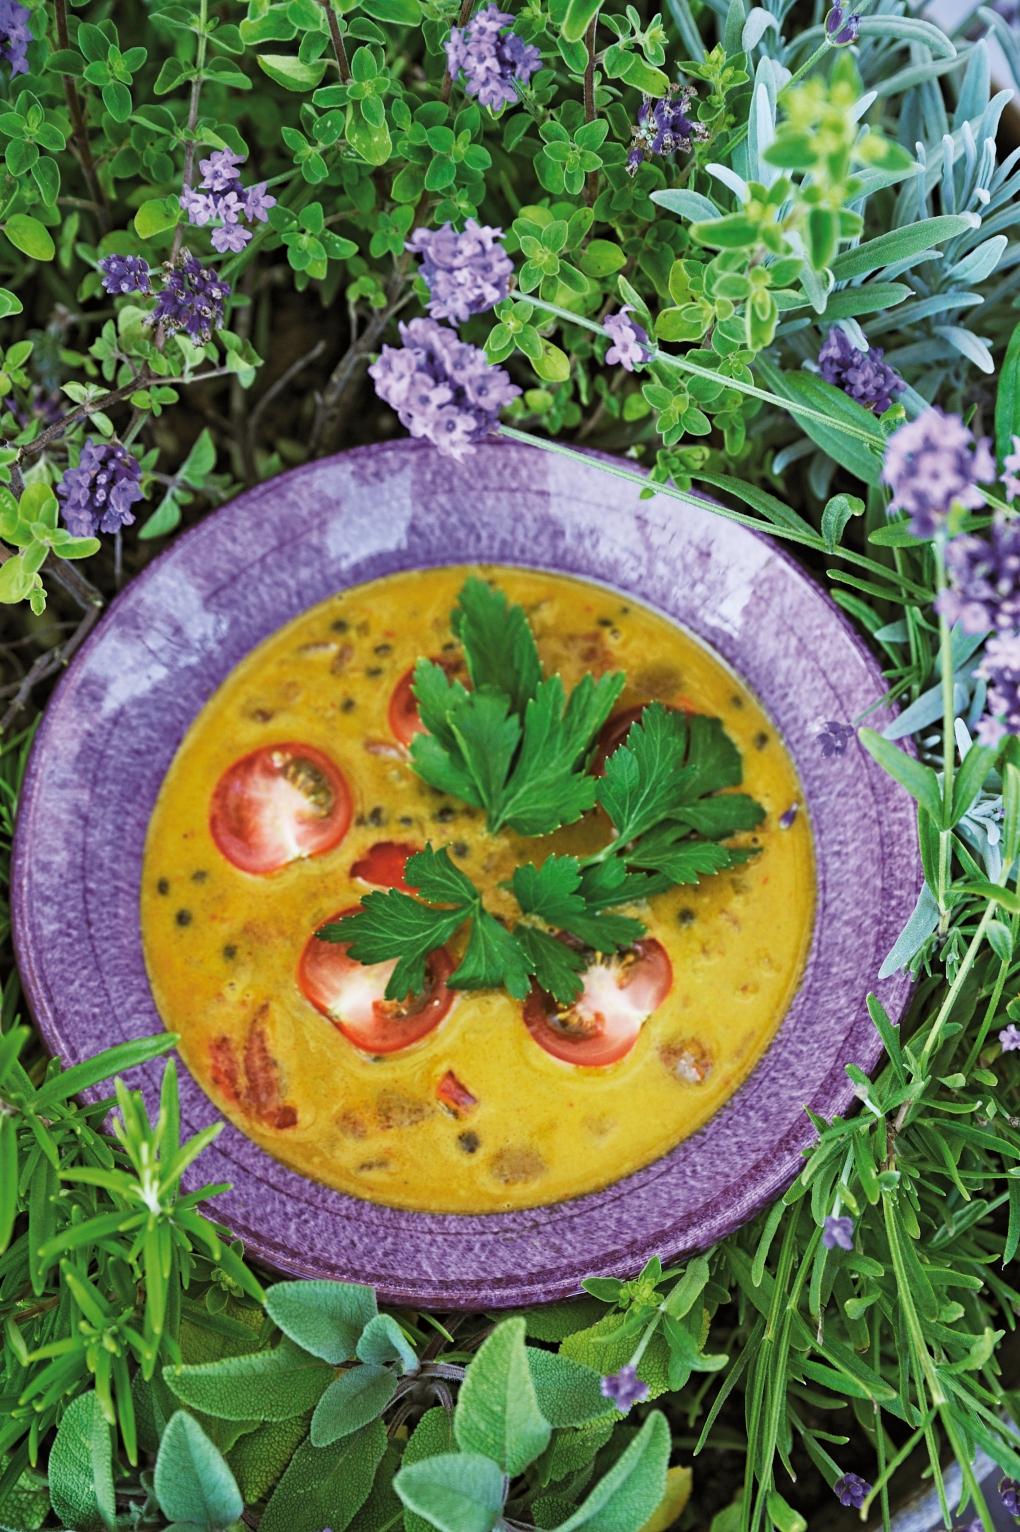 linssoppa med saffran sid 119